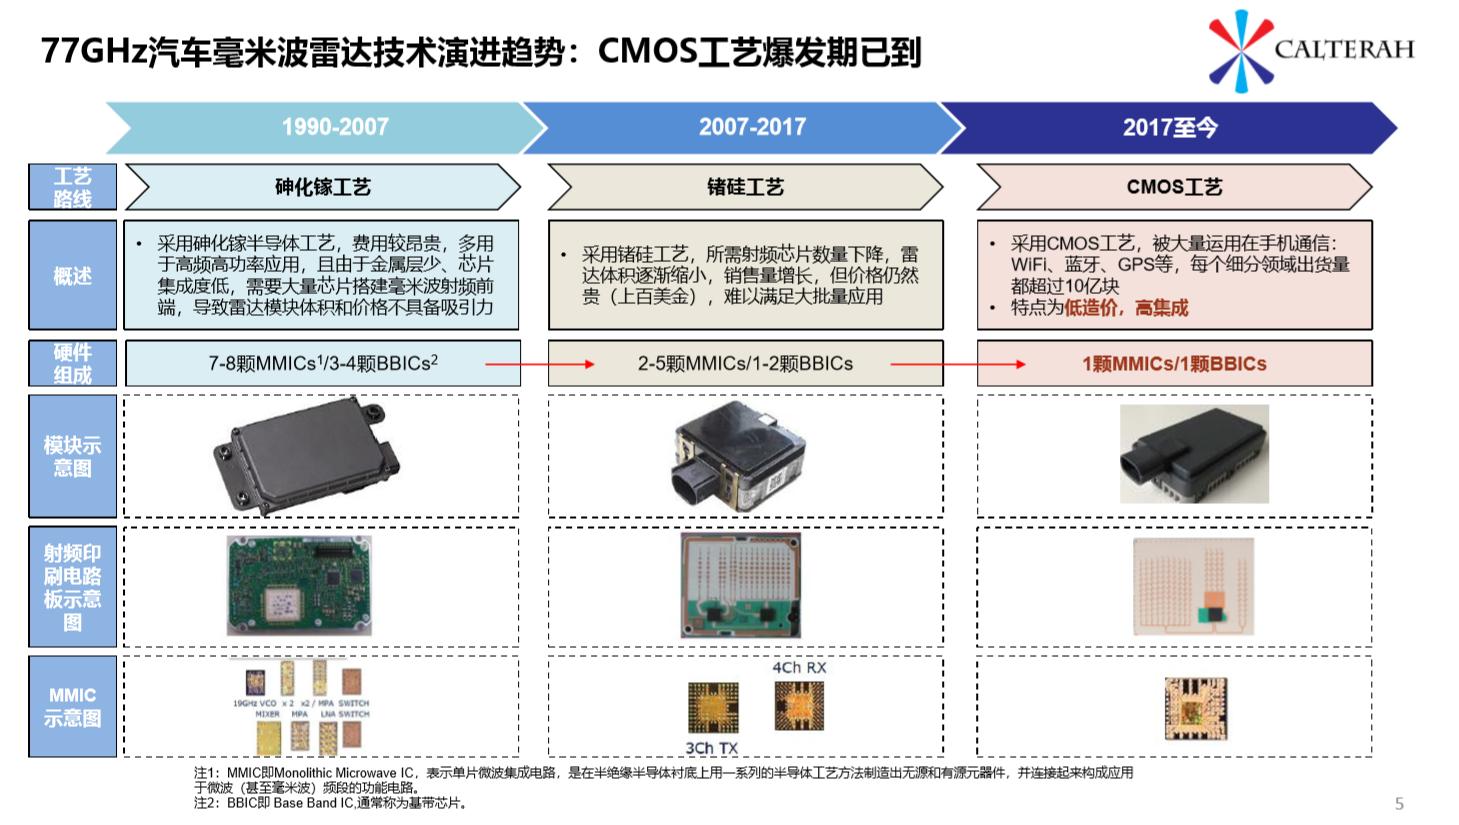 加特兰发布全新毫米波雷达芯片,更快、更灵活、更可靠